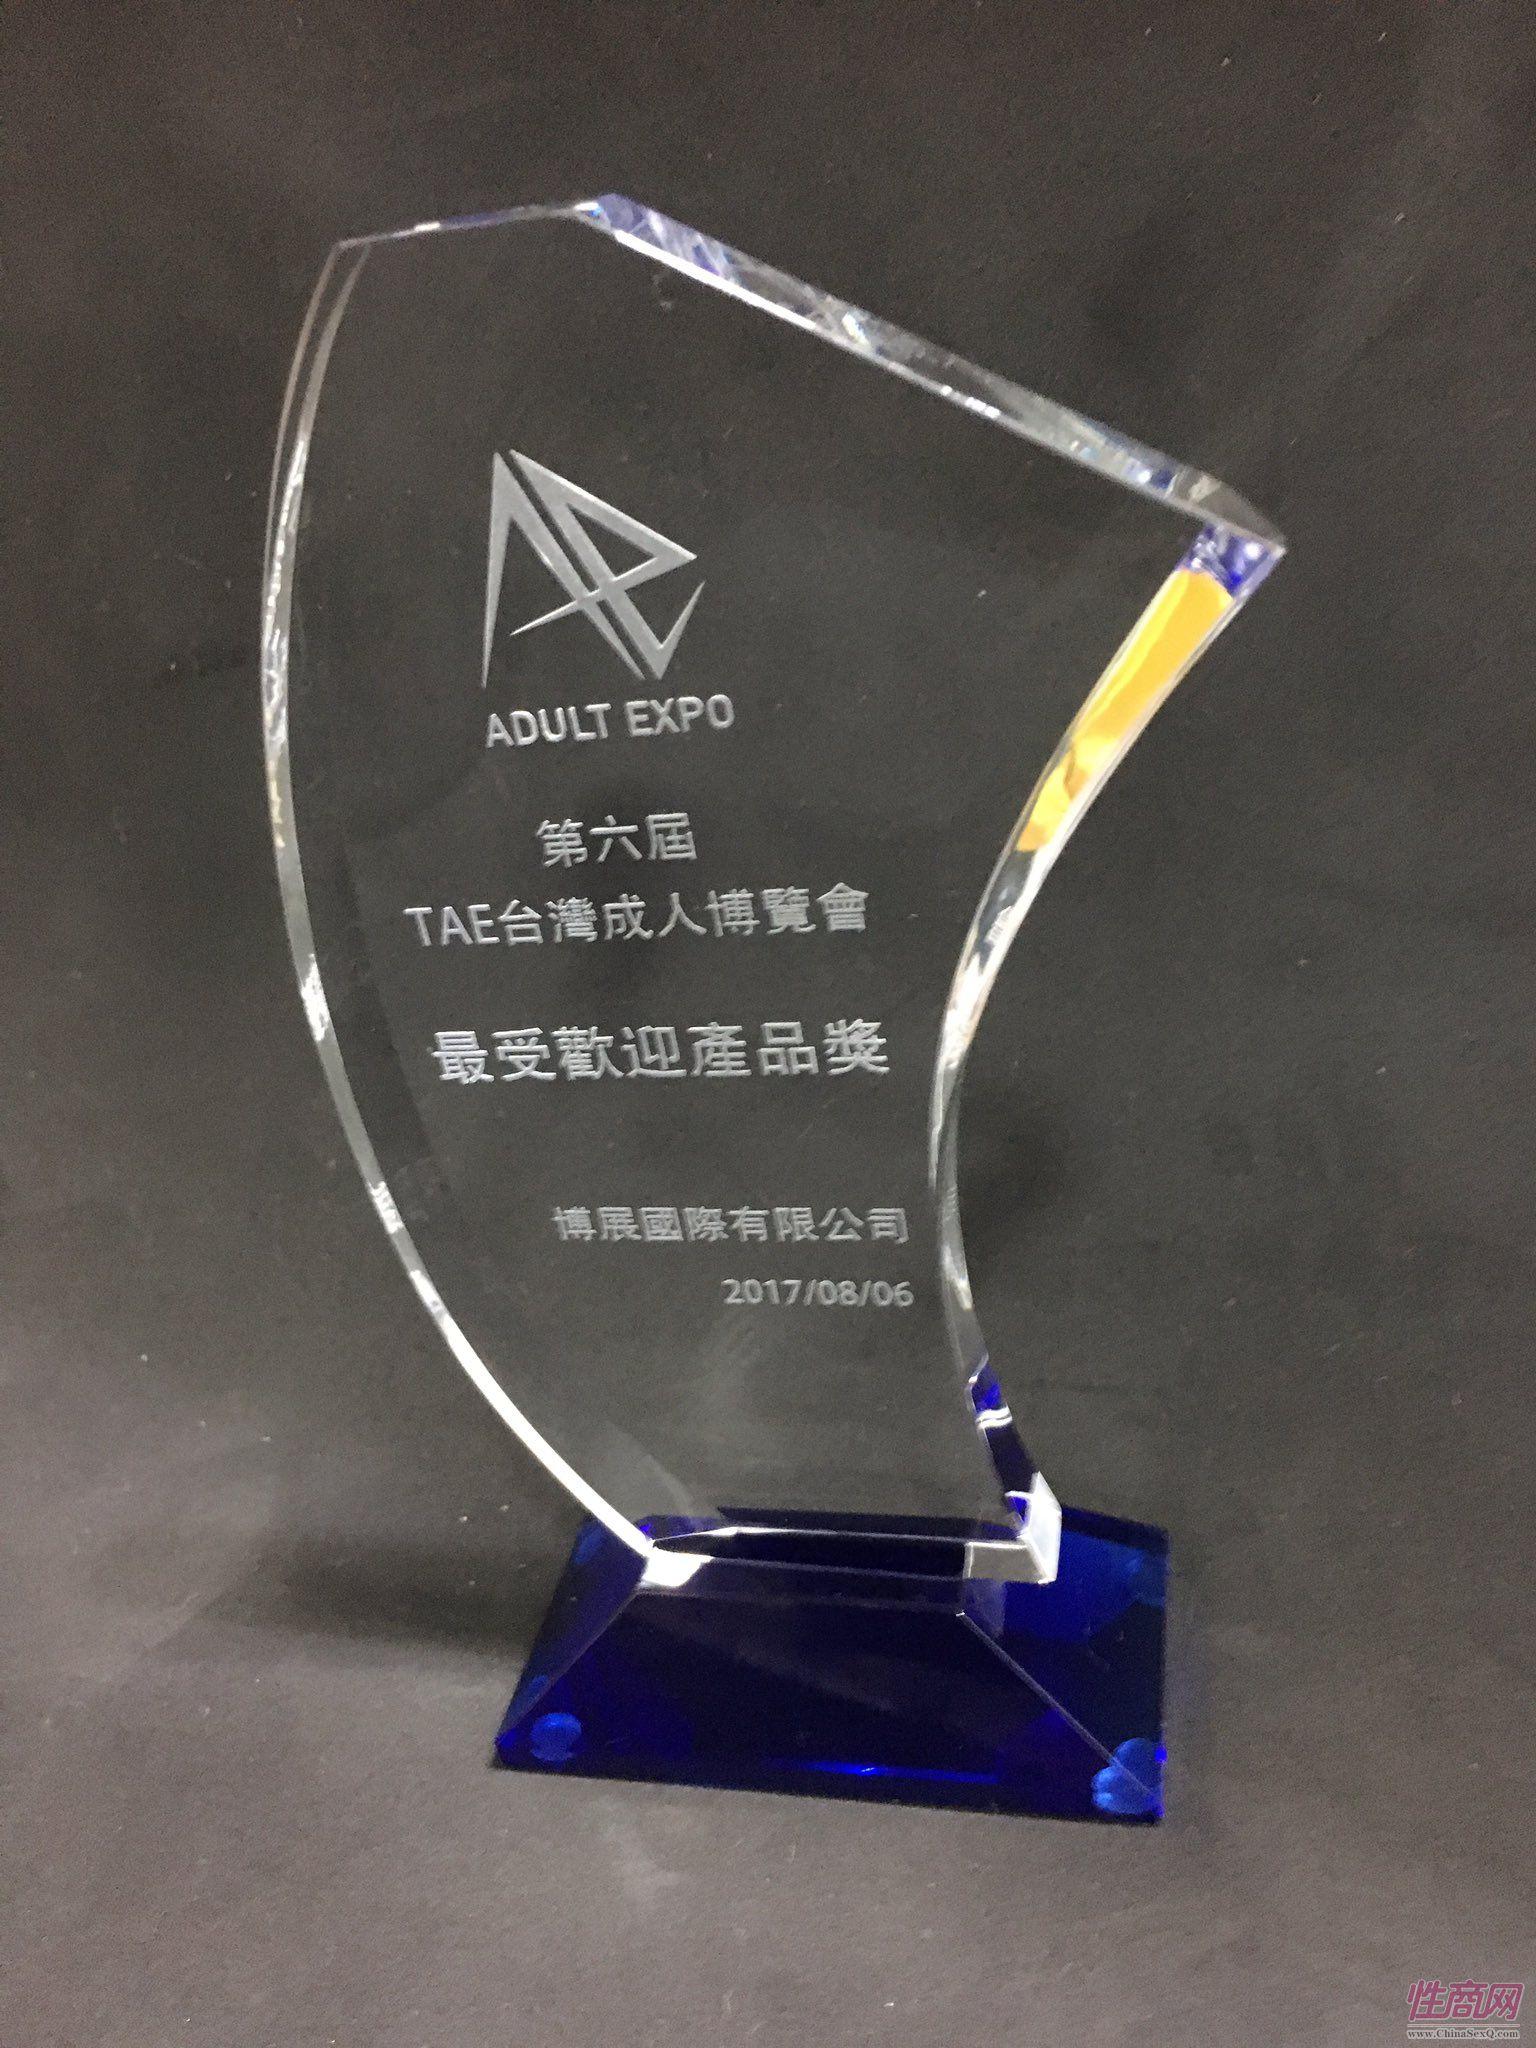 2017第六届台湾成人博览会--展后报道图片12